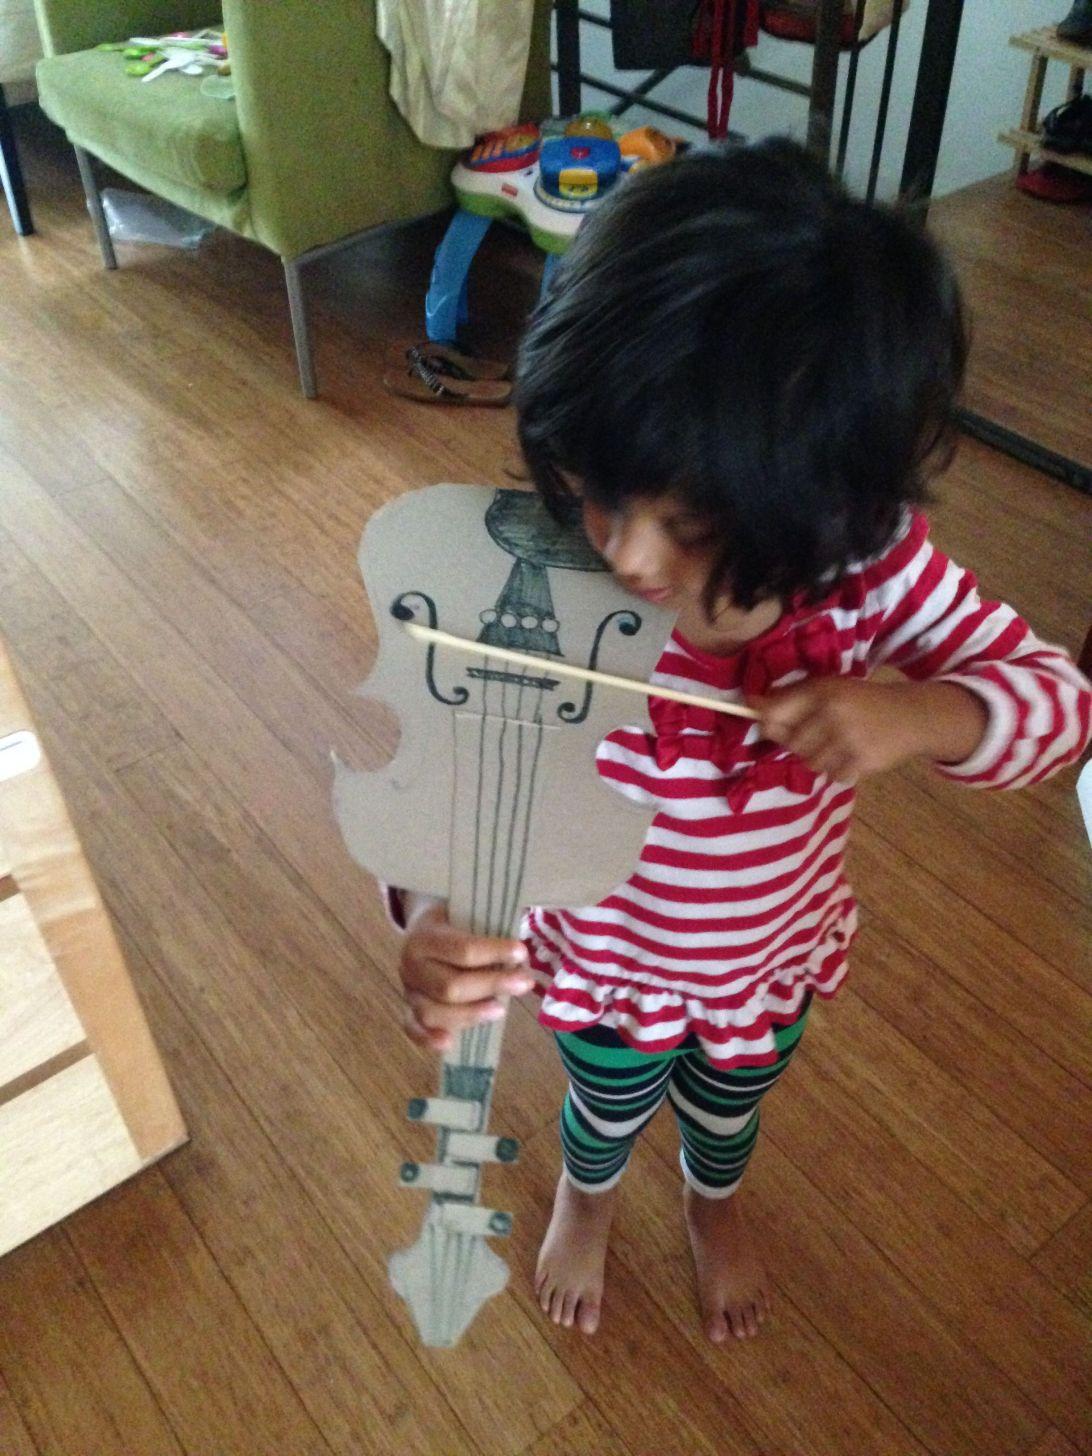 Aditi Raychouhdury. DIY Violin. 2014. Cereal Box, Super glue, Markers.